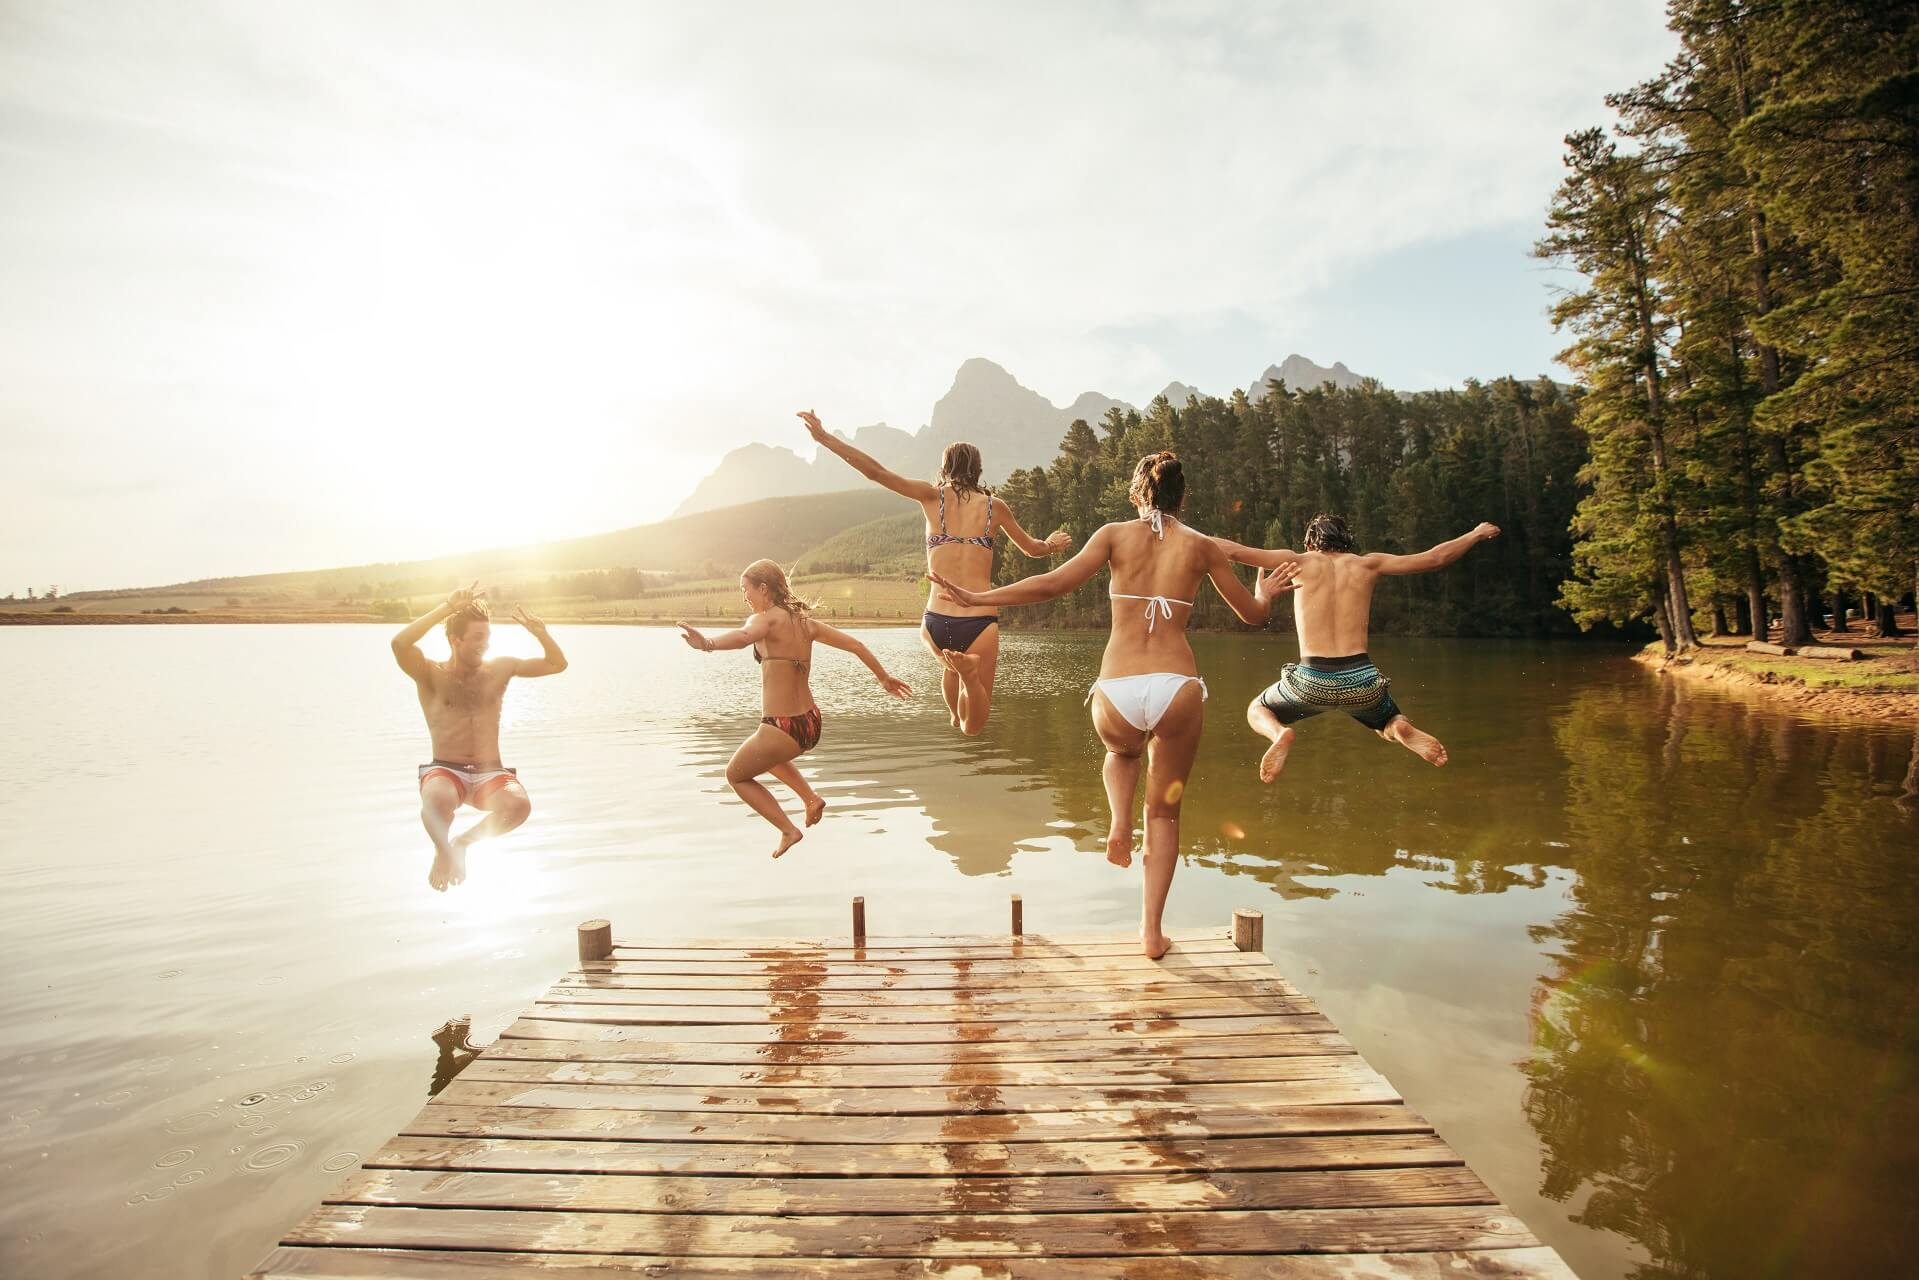 Freunde springen in einen See